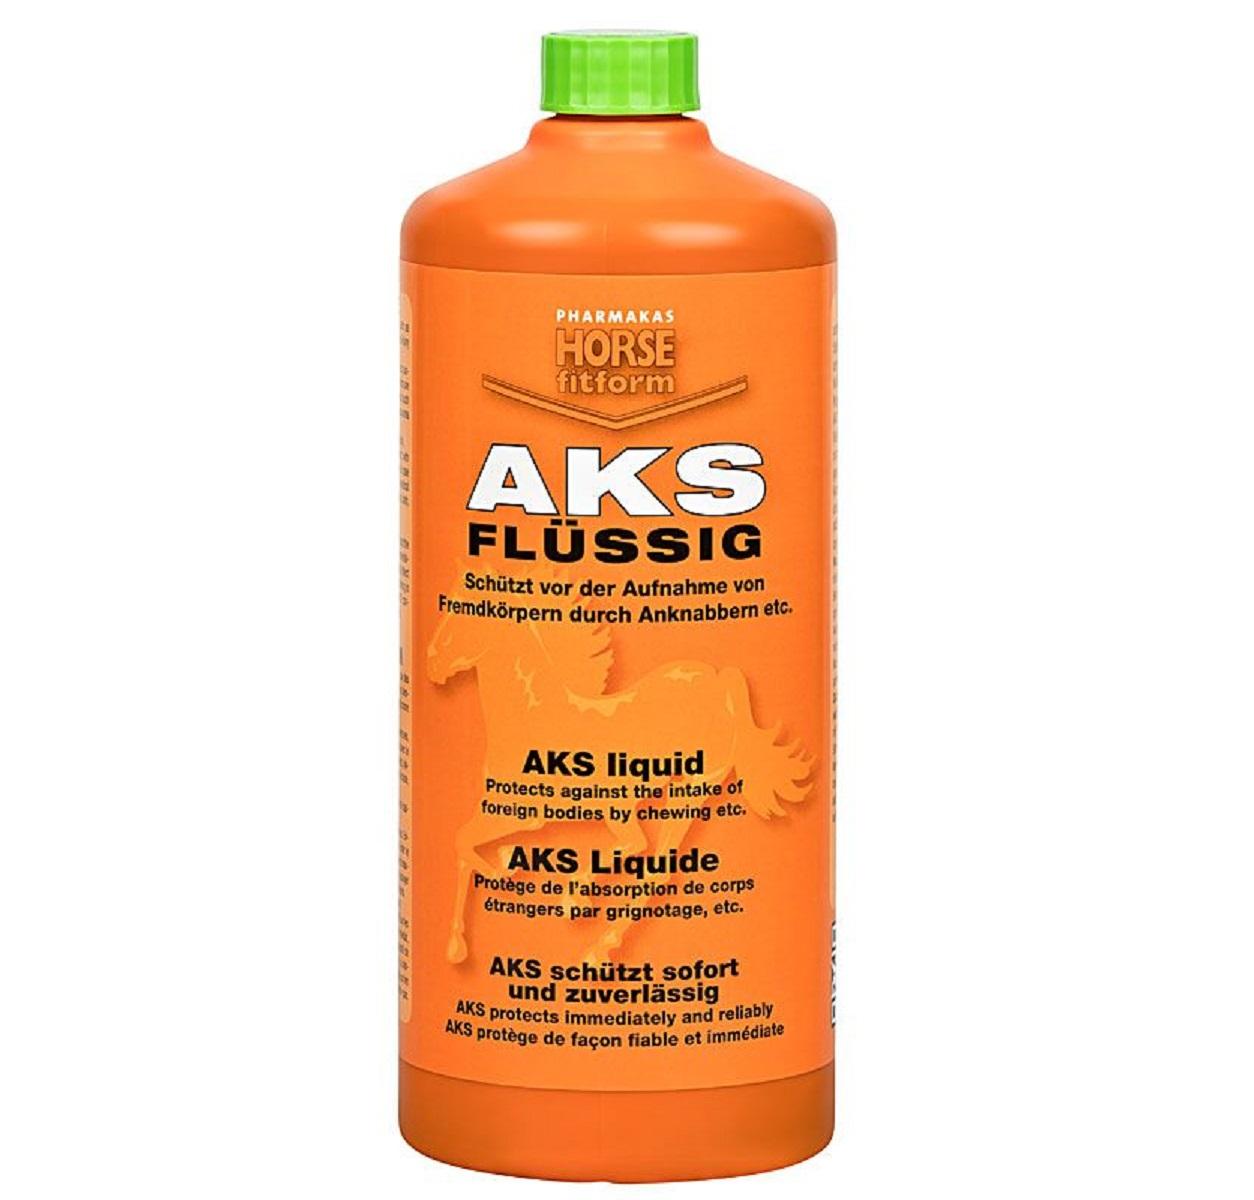 AKS-FLÜSSIG schützt alles vor dem Anfressen * HORSE fitform - Qualität von PFIFF